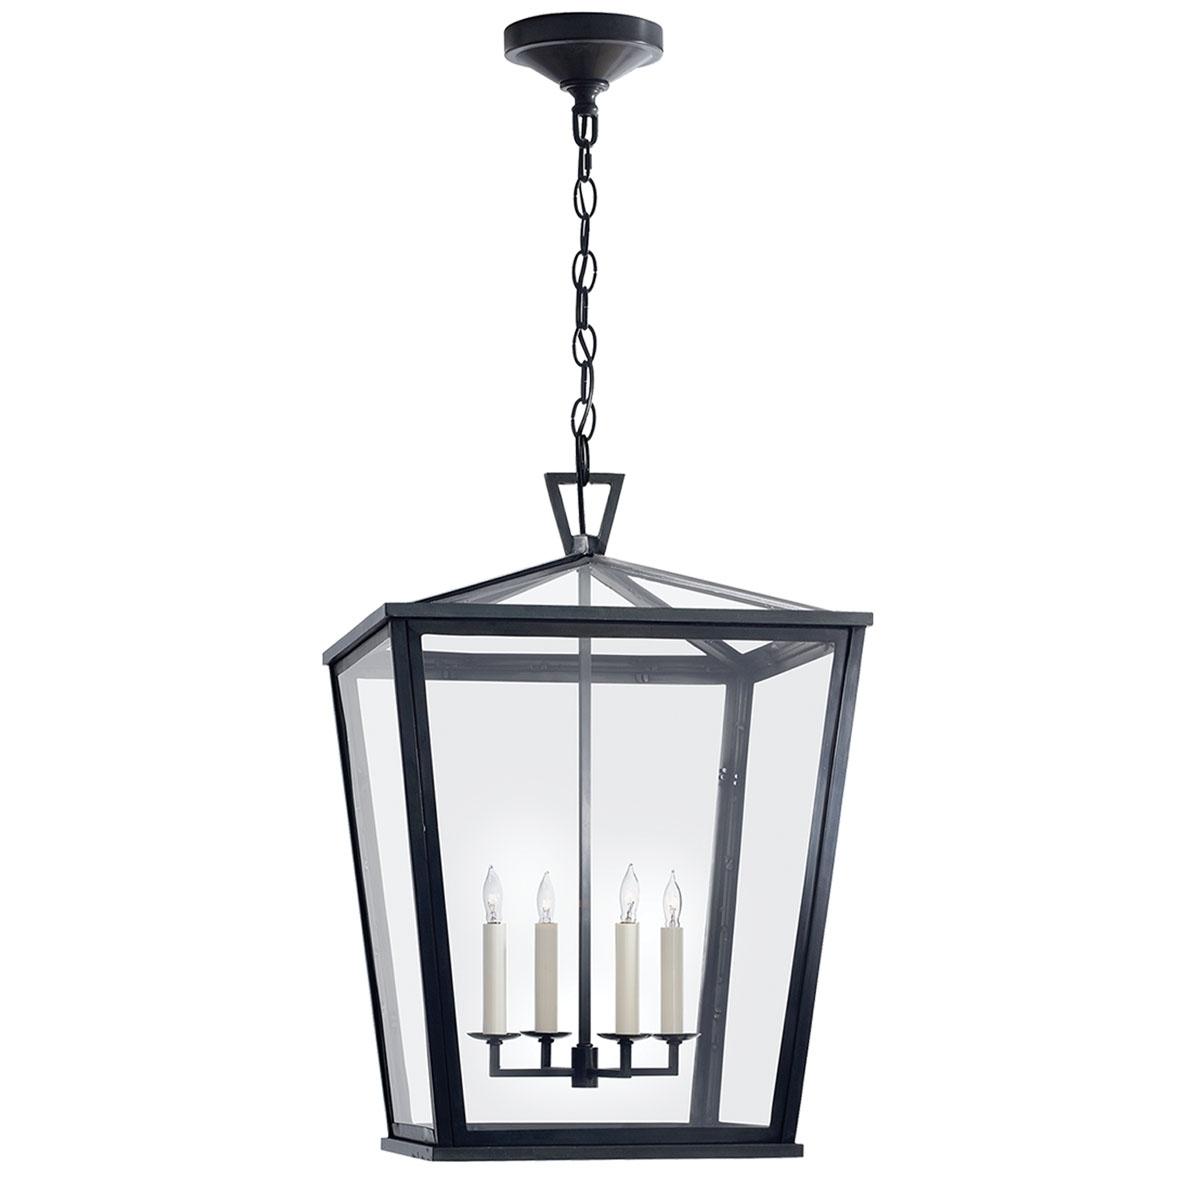 Featured Photo of Outdoor Hanging Light Fixtures In Black